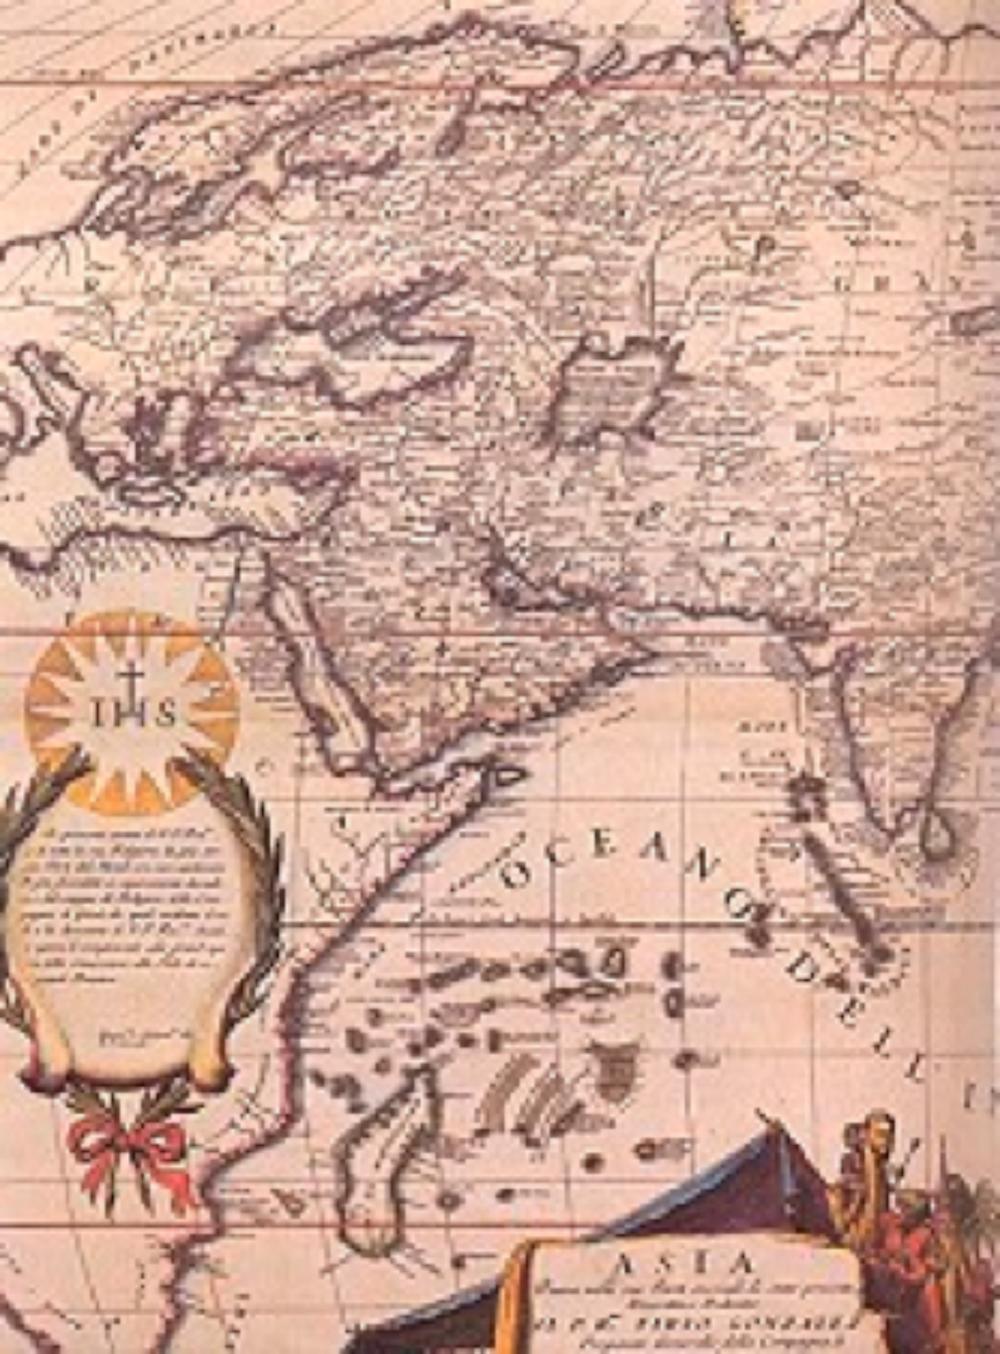 Cornelli (1650-1718) tarafından yapılan asya Haritası (A. Ekşinozlugil Koleksiyonu)